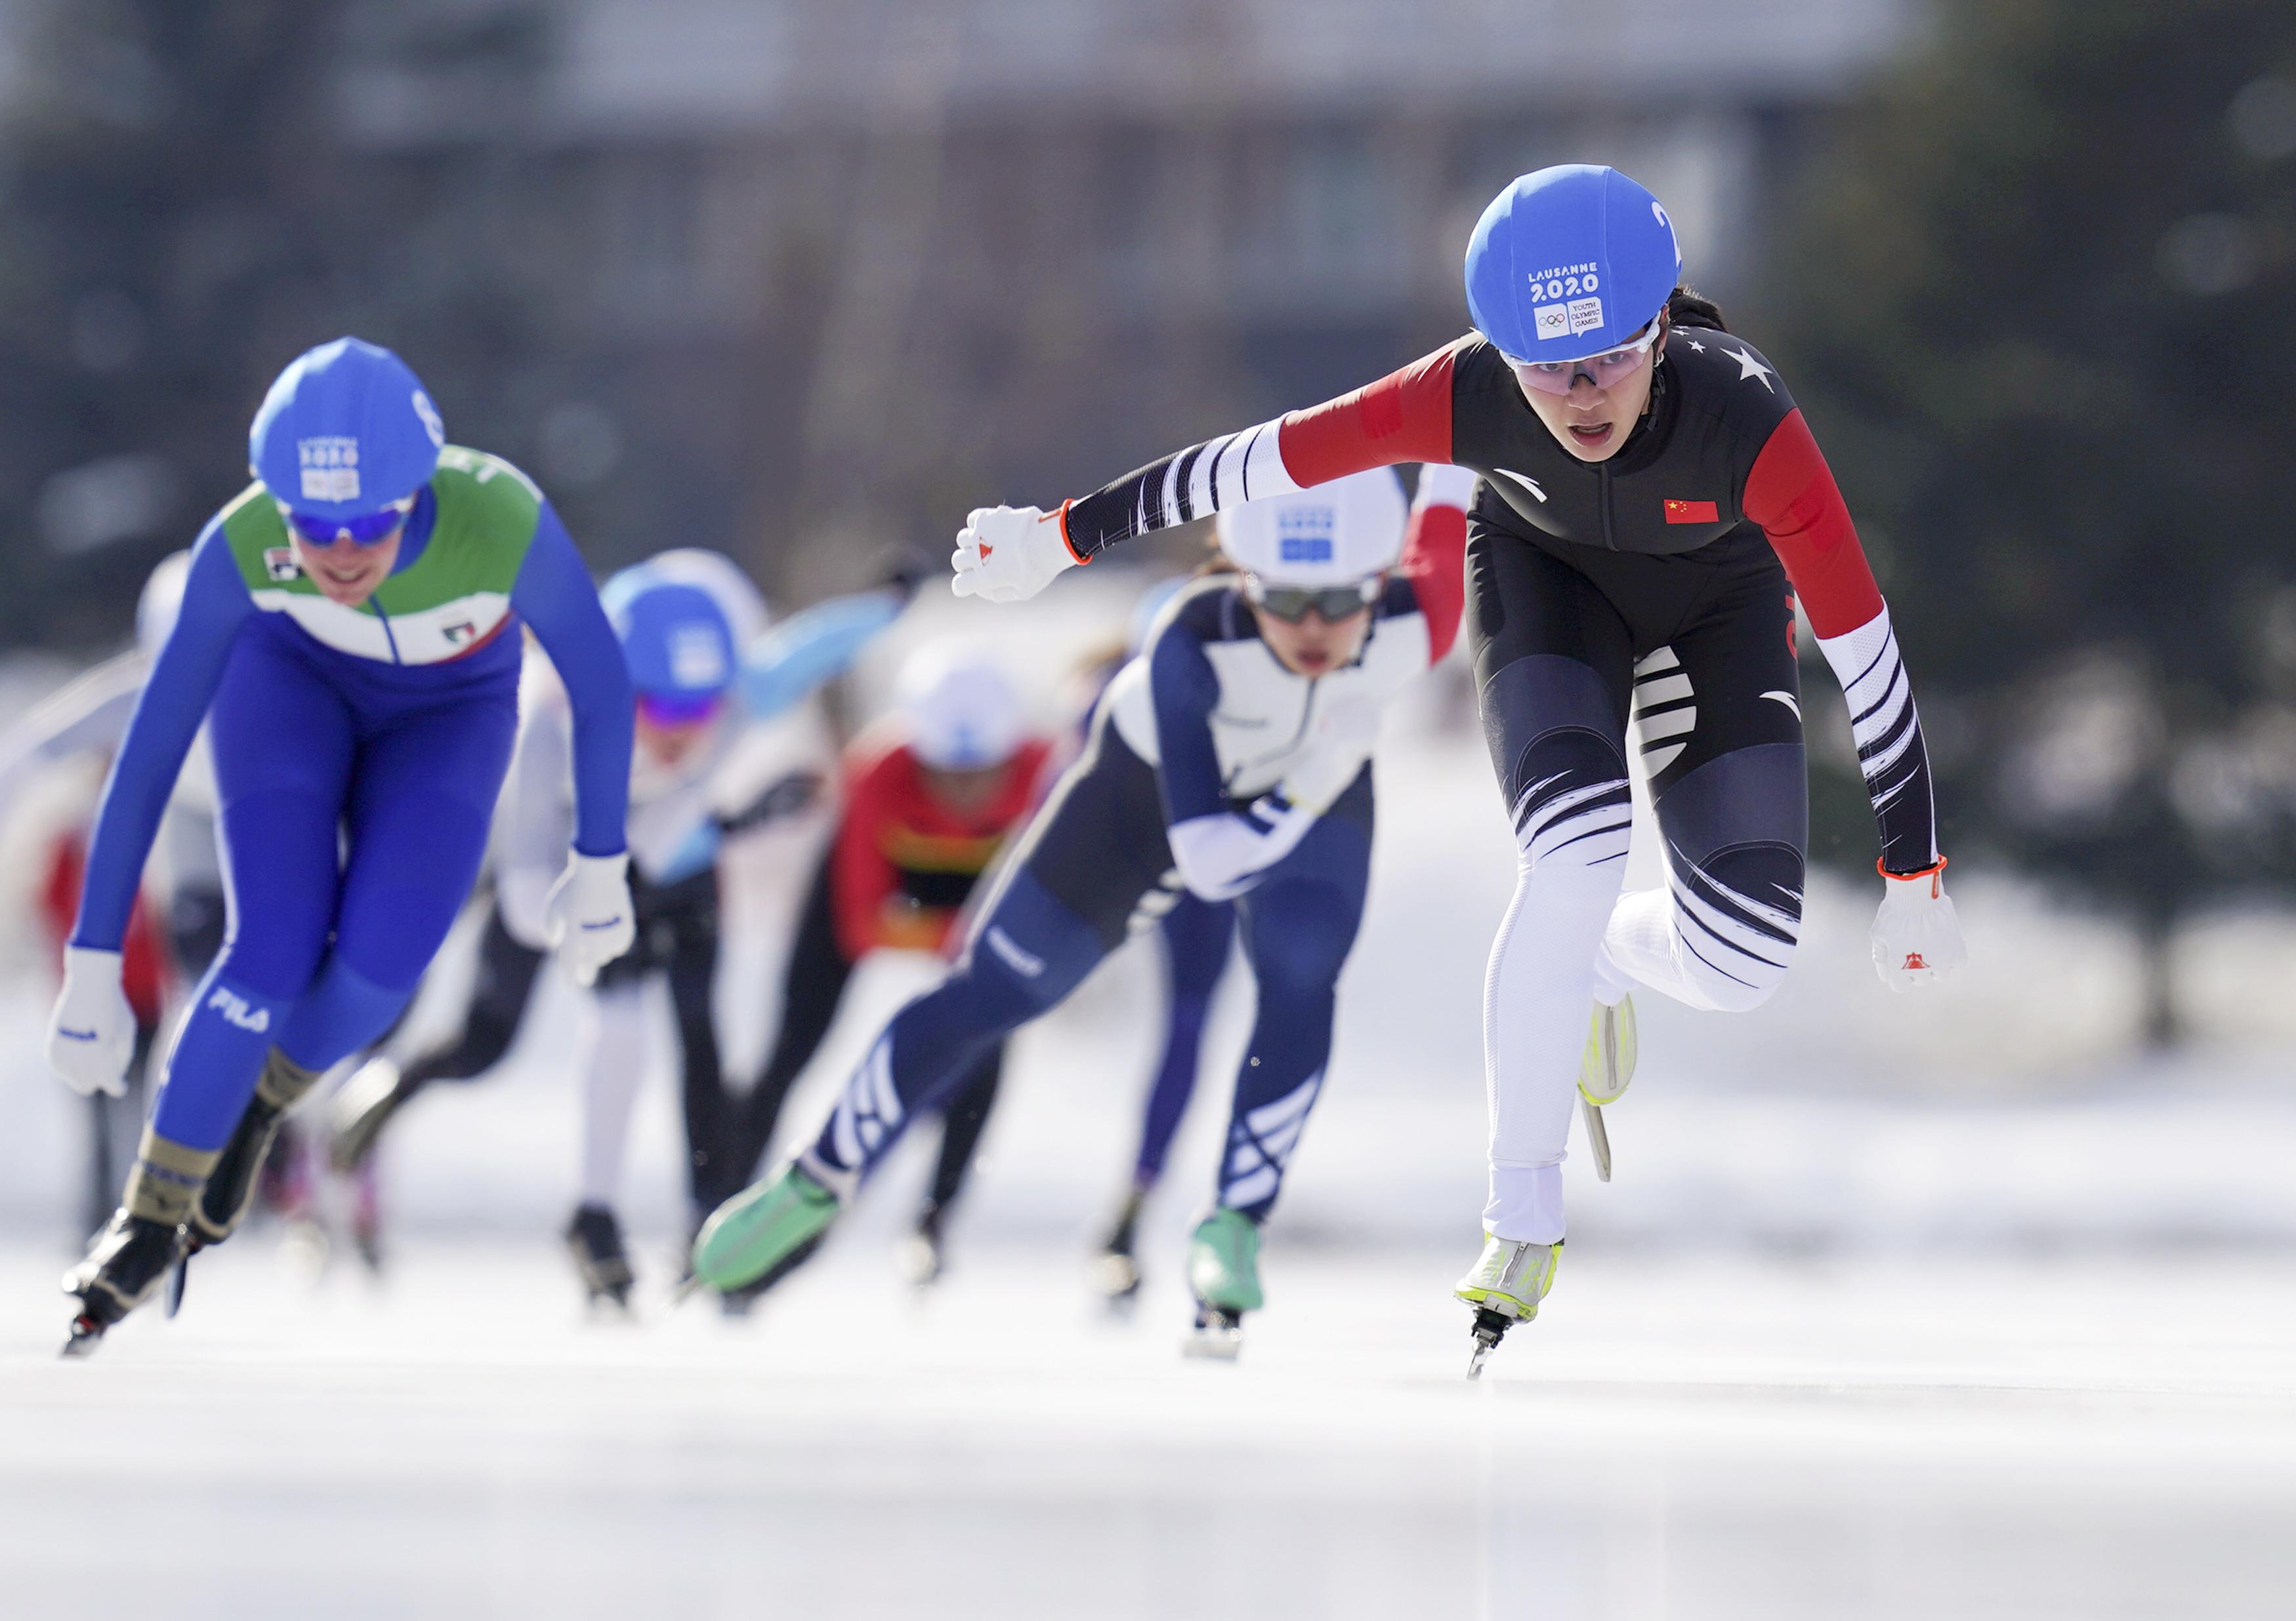 速度滑冰——女子集体出发:中国选手杨滨瑜夺金